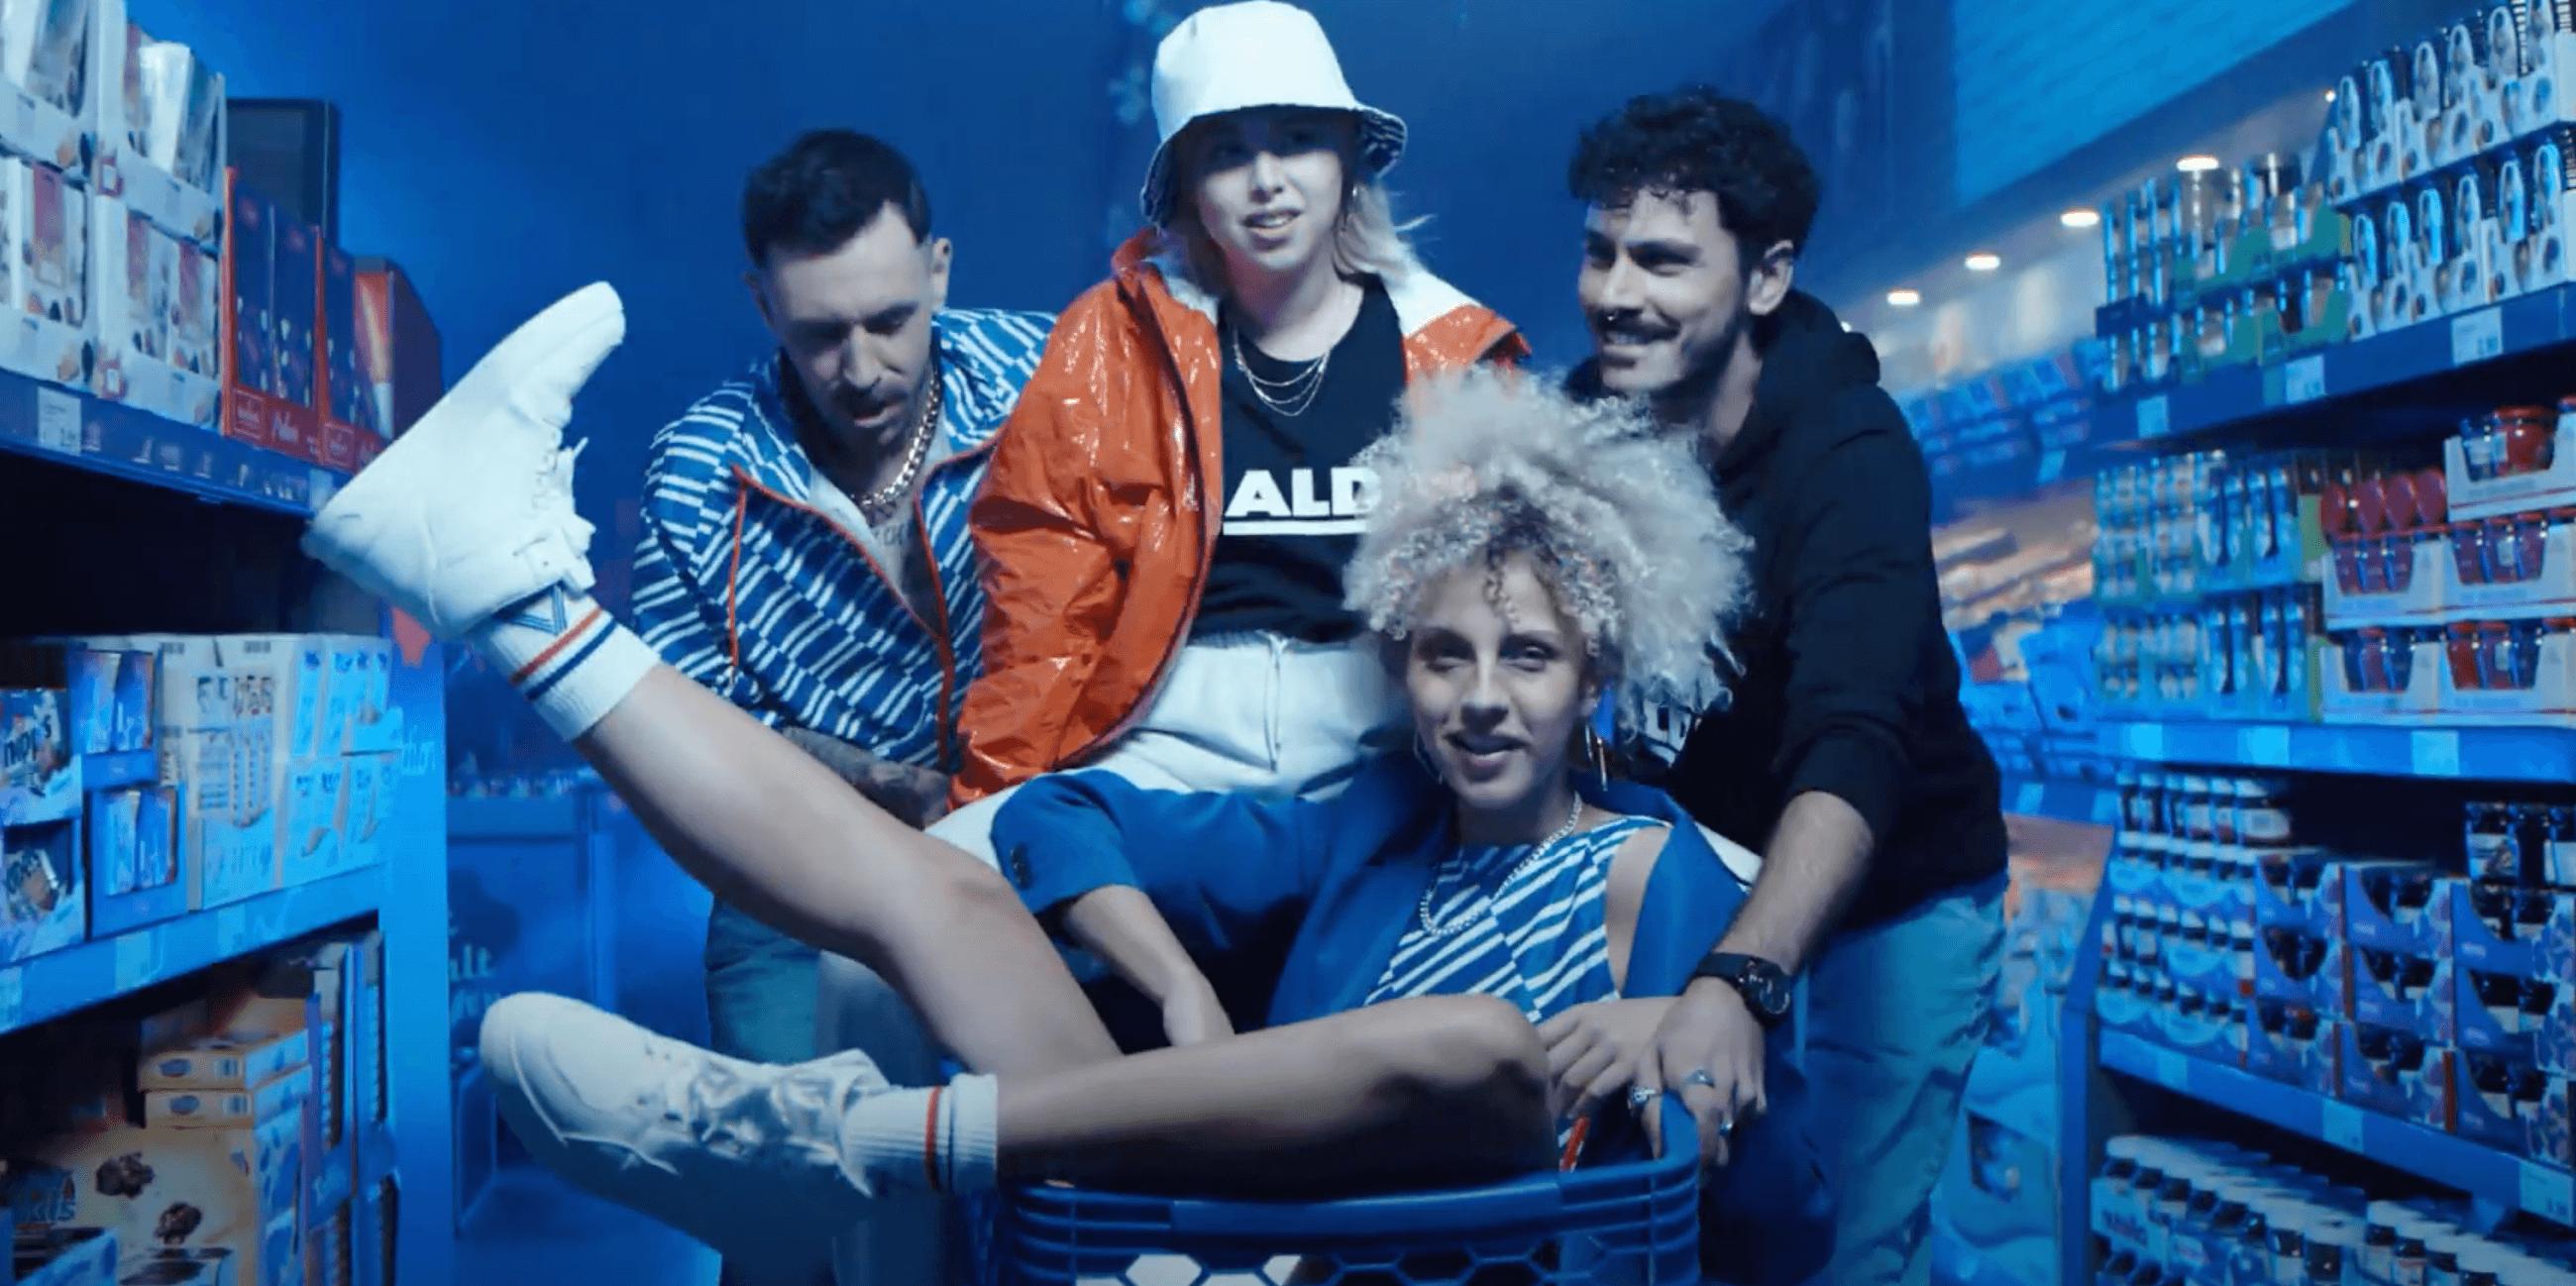 Aldi releast Aldiletten - das sind die weirdesten Streetwear-Collabs